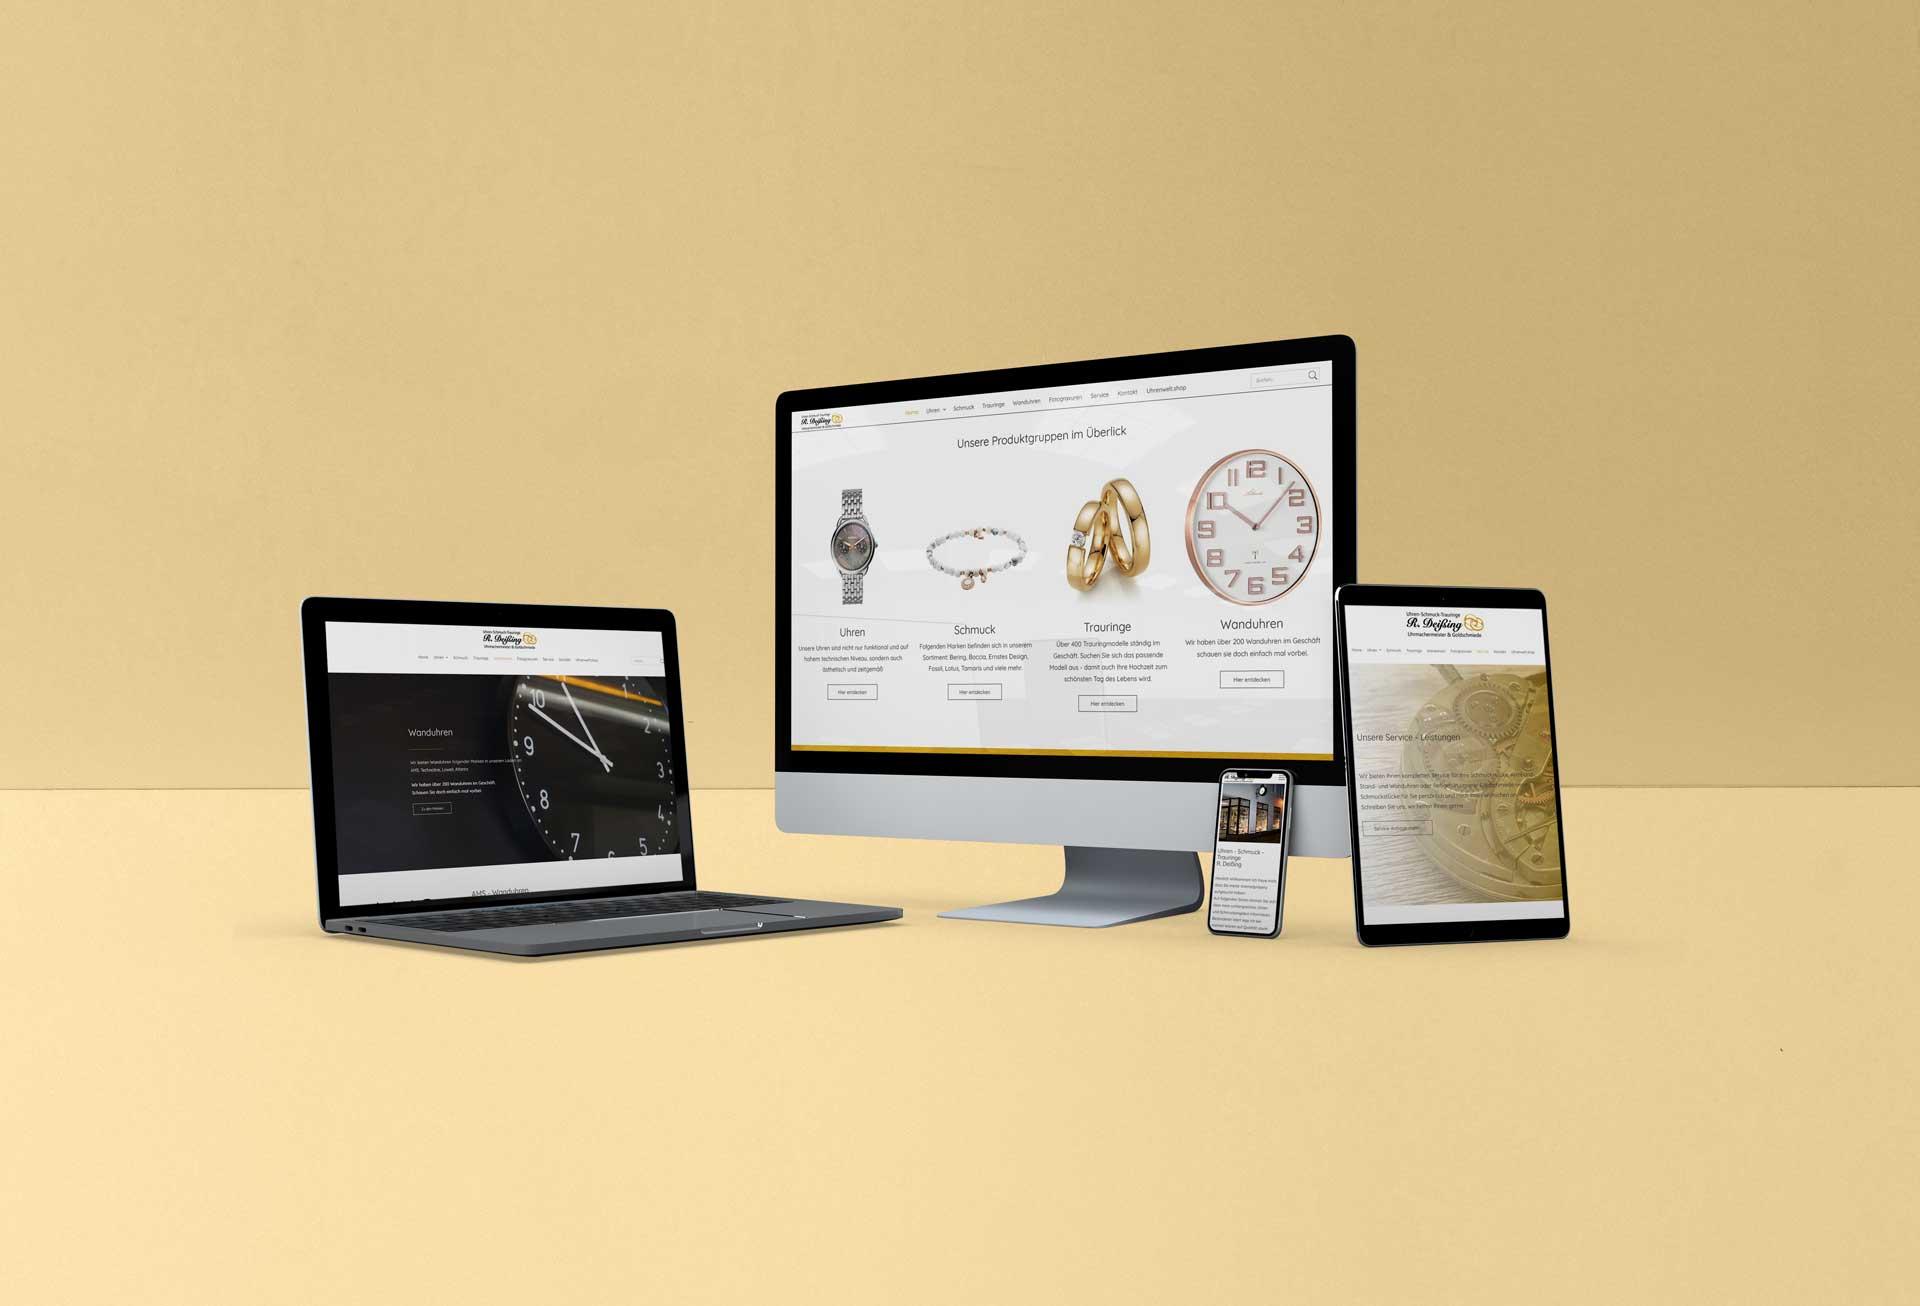 Webseite - Uhren-Schmuck-Trauringe R. Deißing